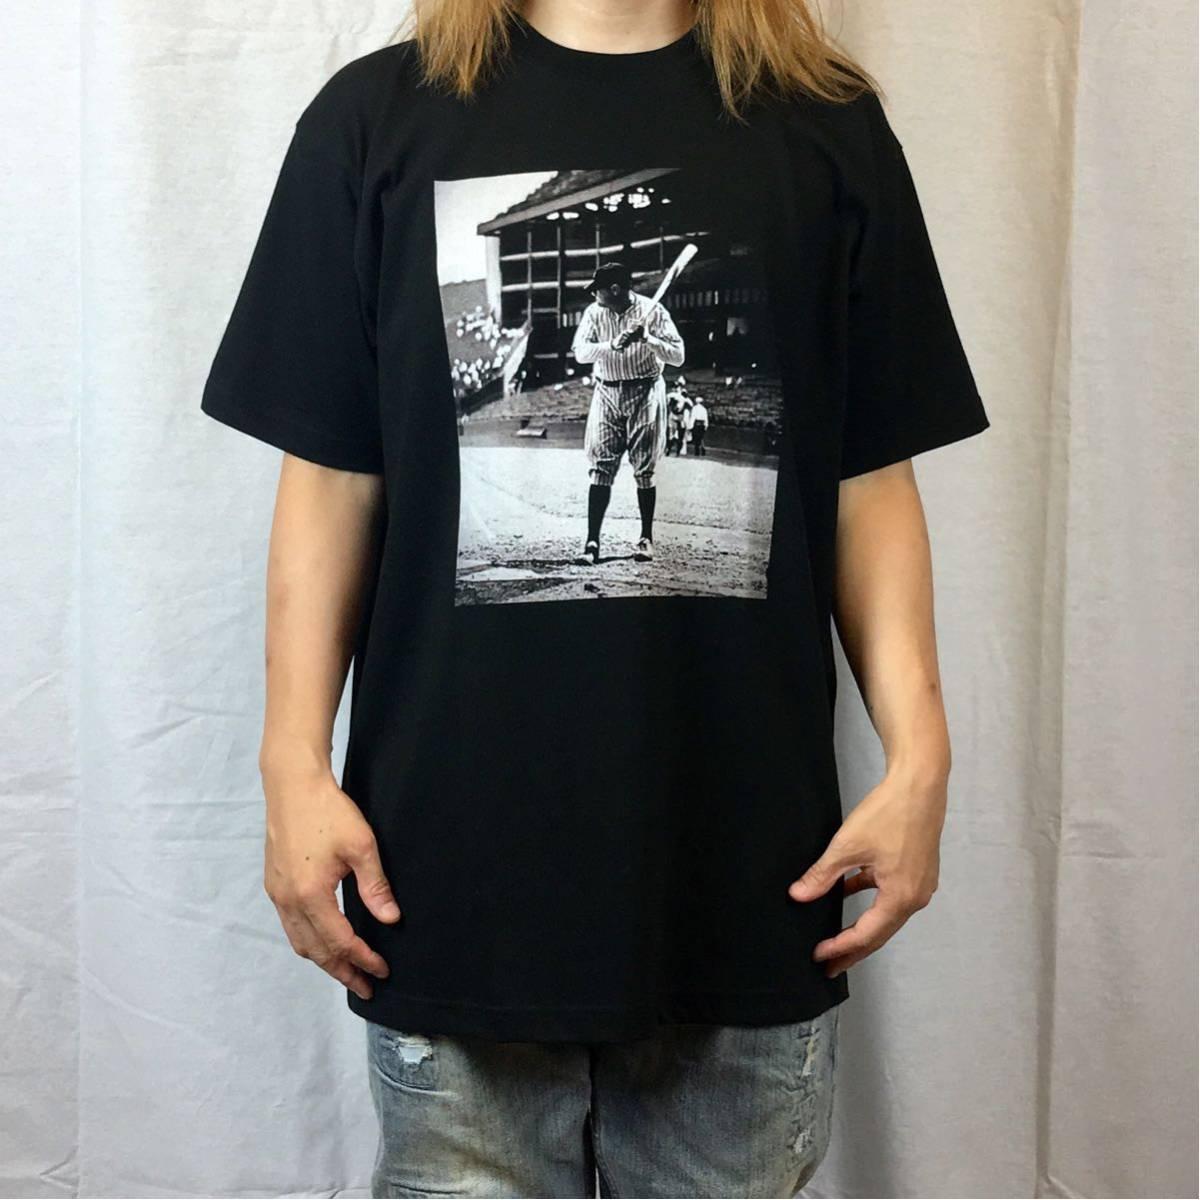 新品 大きい サイズ 専門 XXL~5XL ベーブルース ニューヨーク NY ヤンキース オーバー シルエット ビッグ 黒 Tシャツ ロンT 長袖 対応 OK_画像1